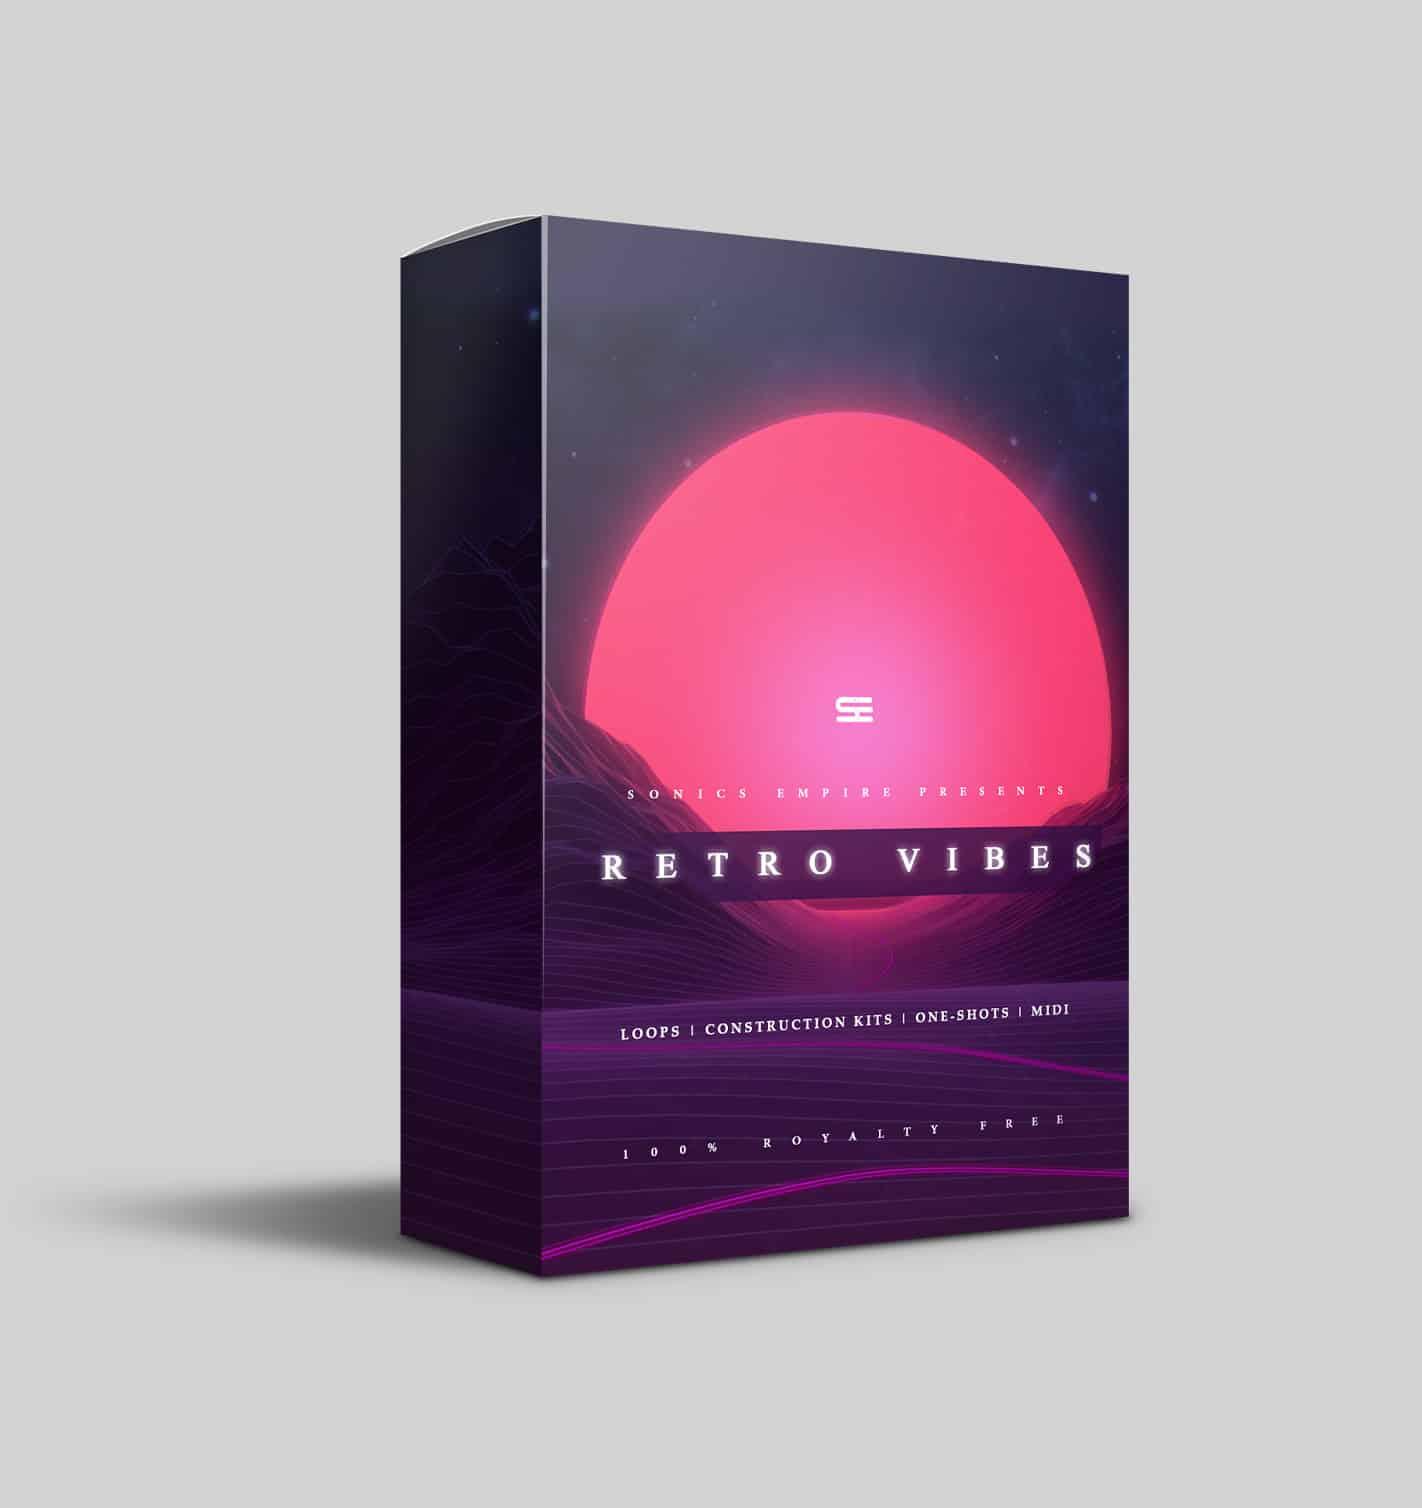 Sonics Empire - Retro Vibes